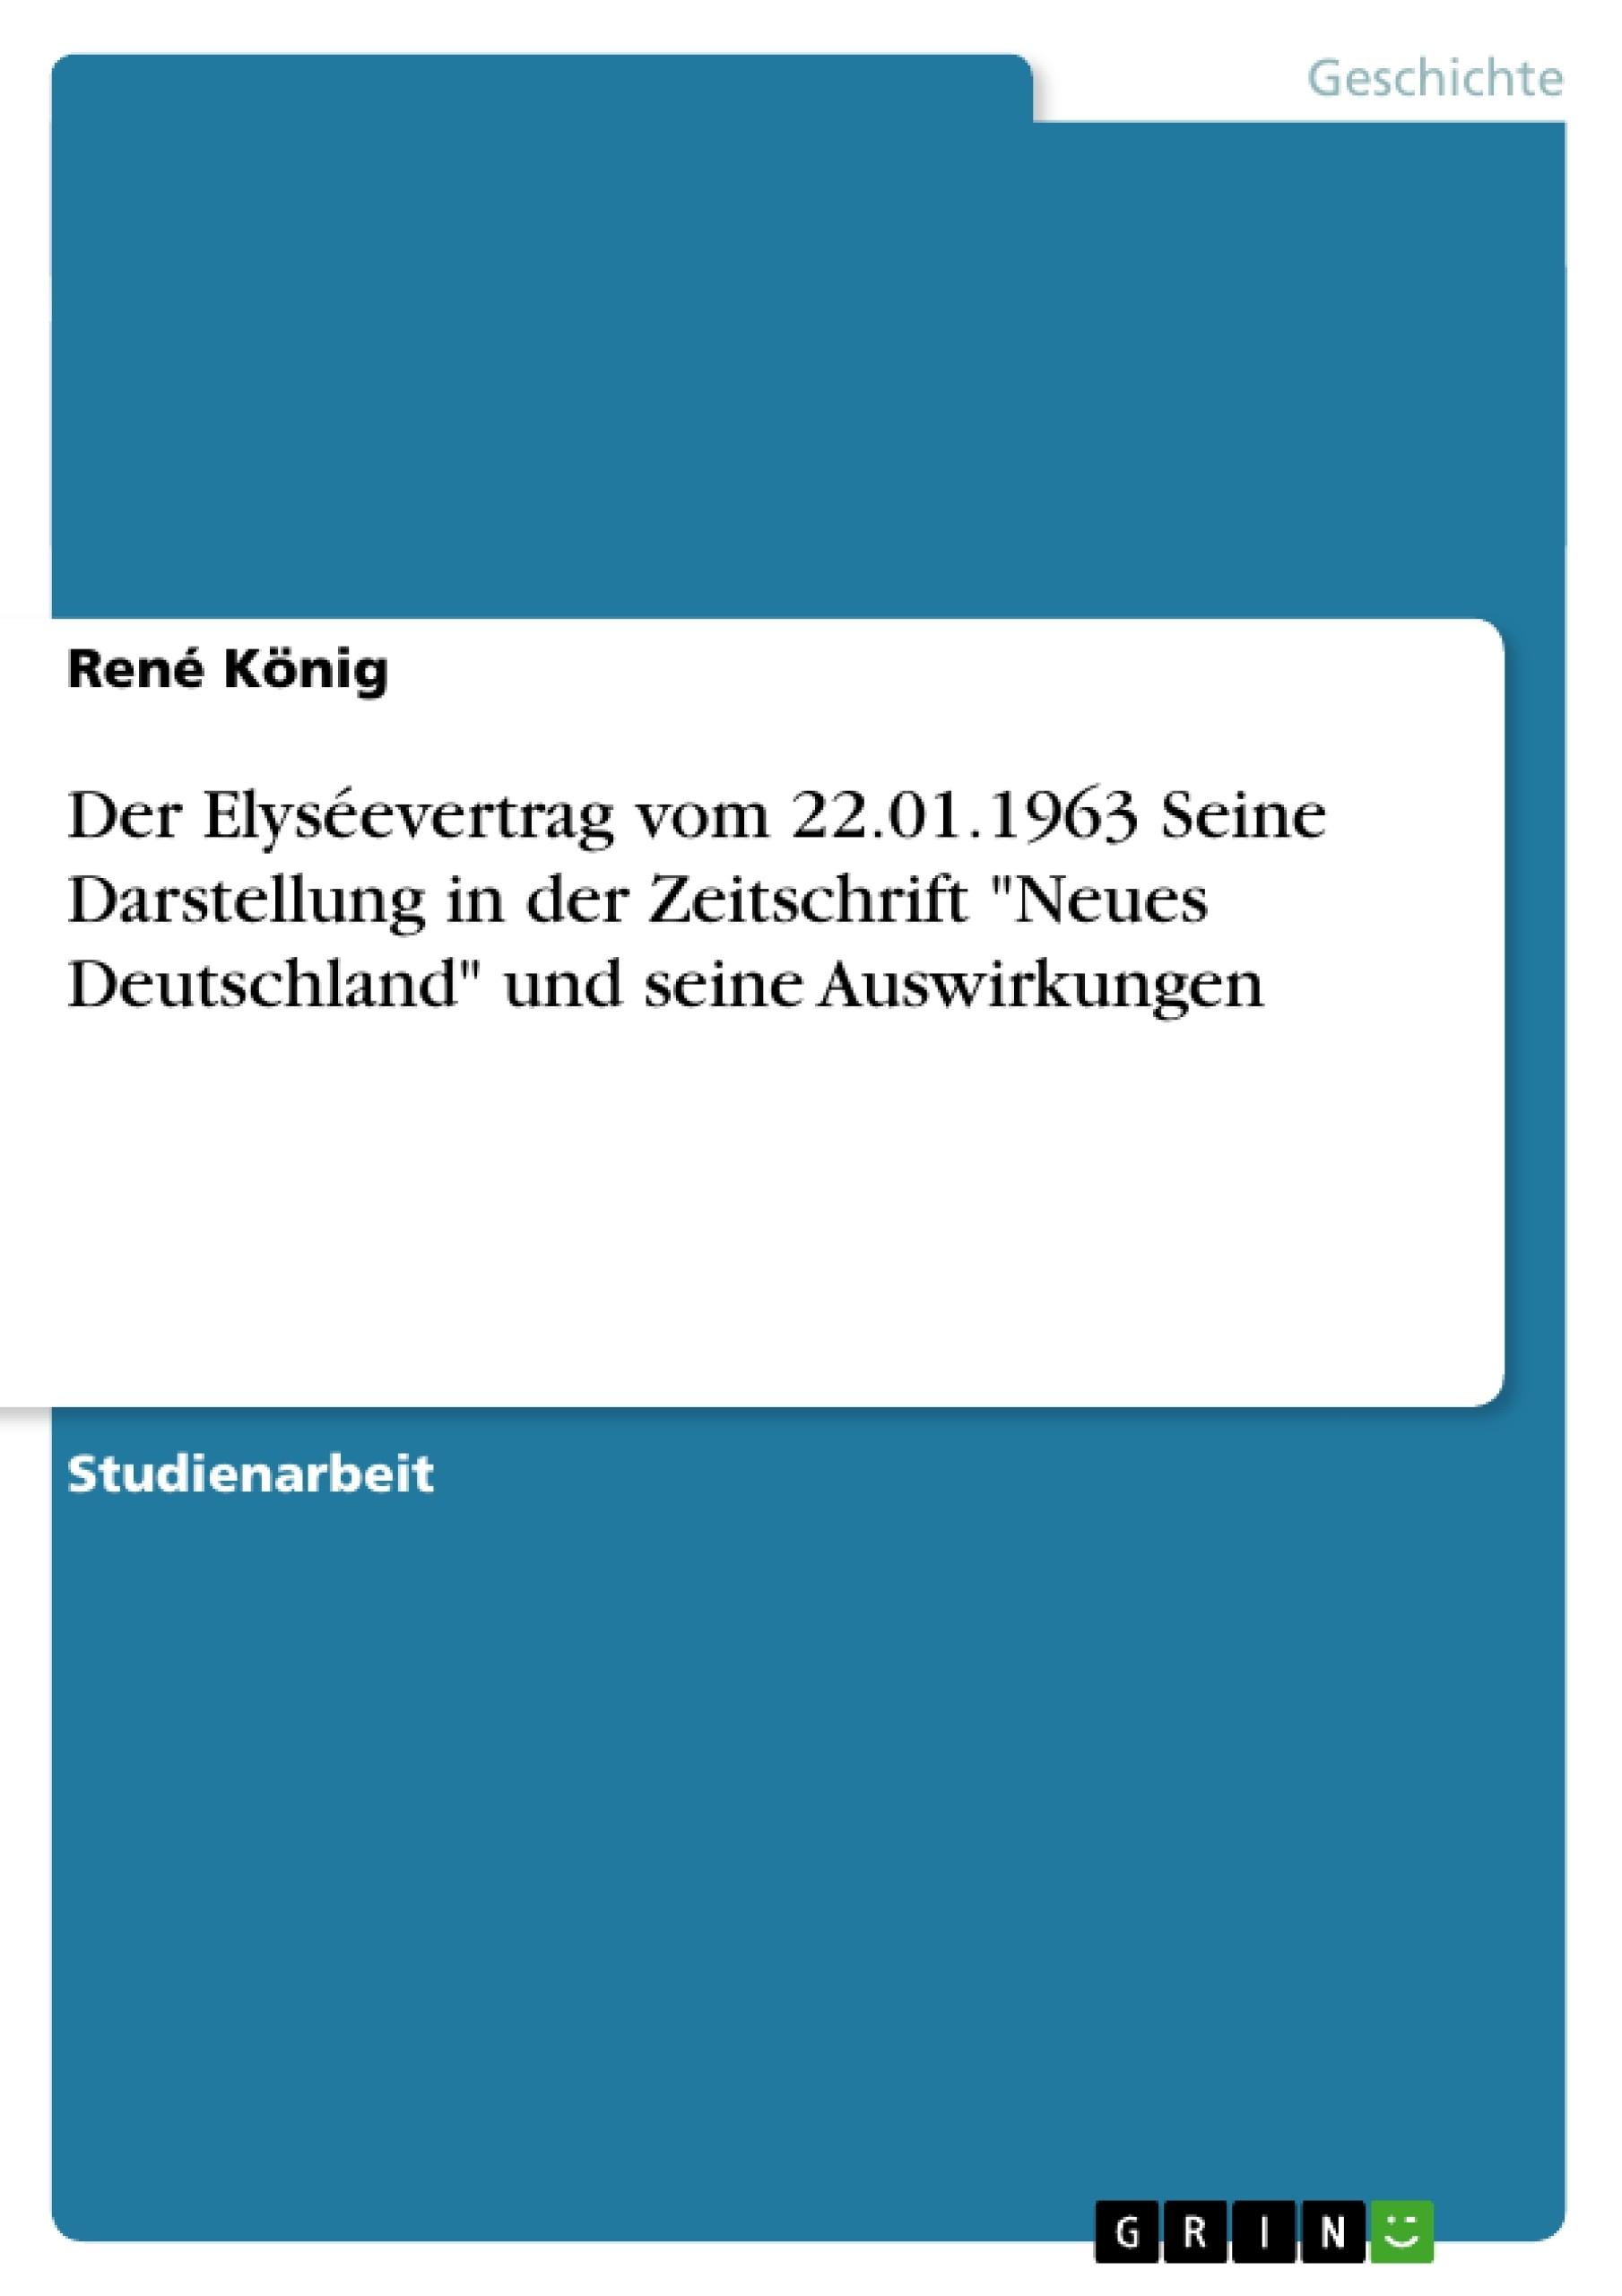 """Titel: Der Elyséevertrag vom 22.01.1963 Seine Darstellung in der Zeitschrift """"Neues Deutschland"""" und seine Auswirkungen"""